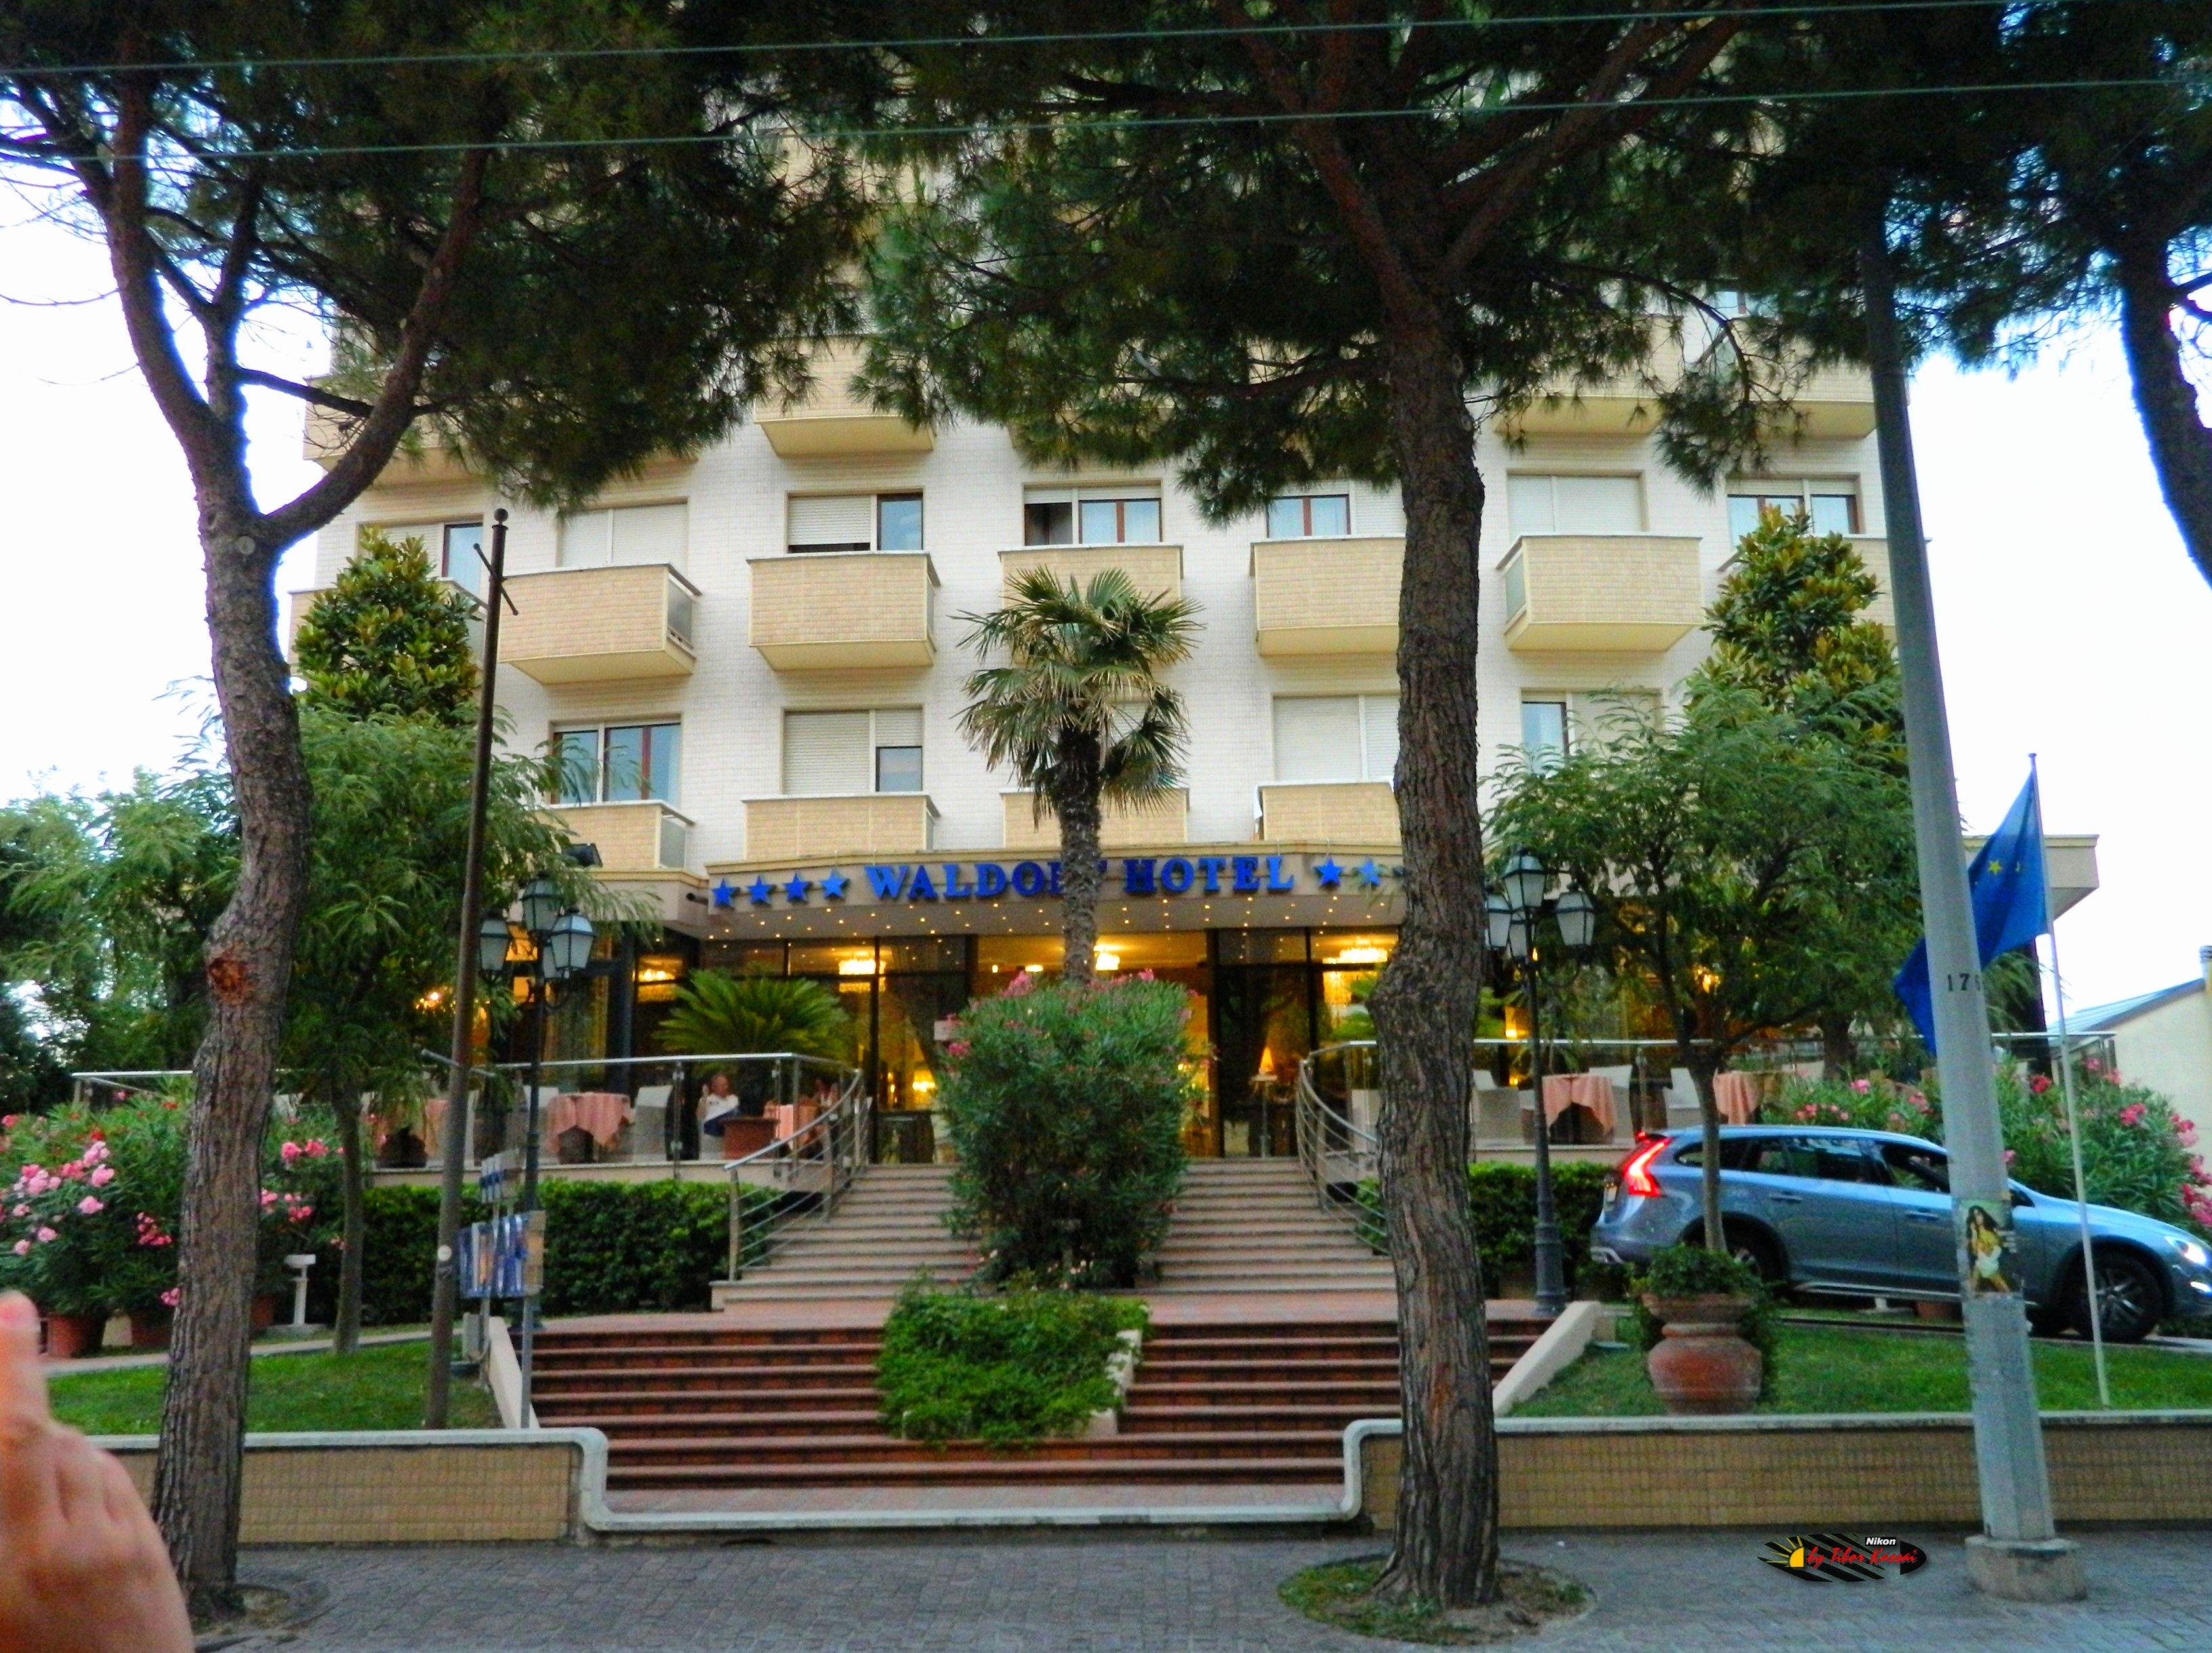 Haloterapia, stanze e grotte di sale Salute, Rimini